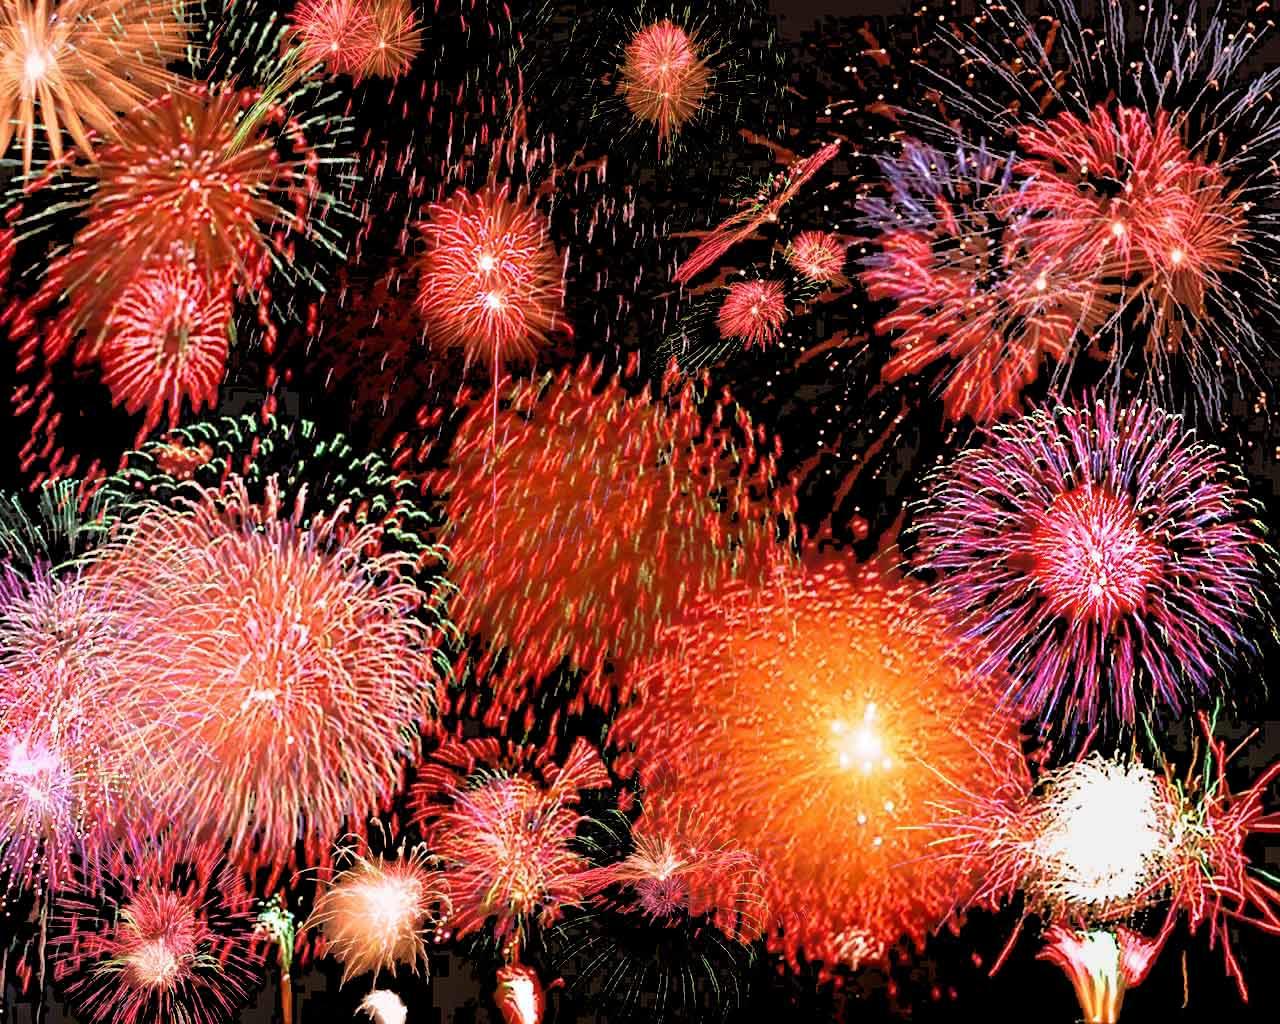 http://3.bp.blogspot.com/_6O-04EZSZdo/TDFIlUMKYNI/AAAAAAAAAzo/FxOBXRUEUXg/s1600/fireworks.jpg